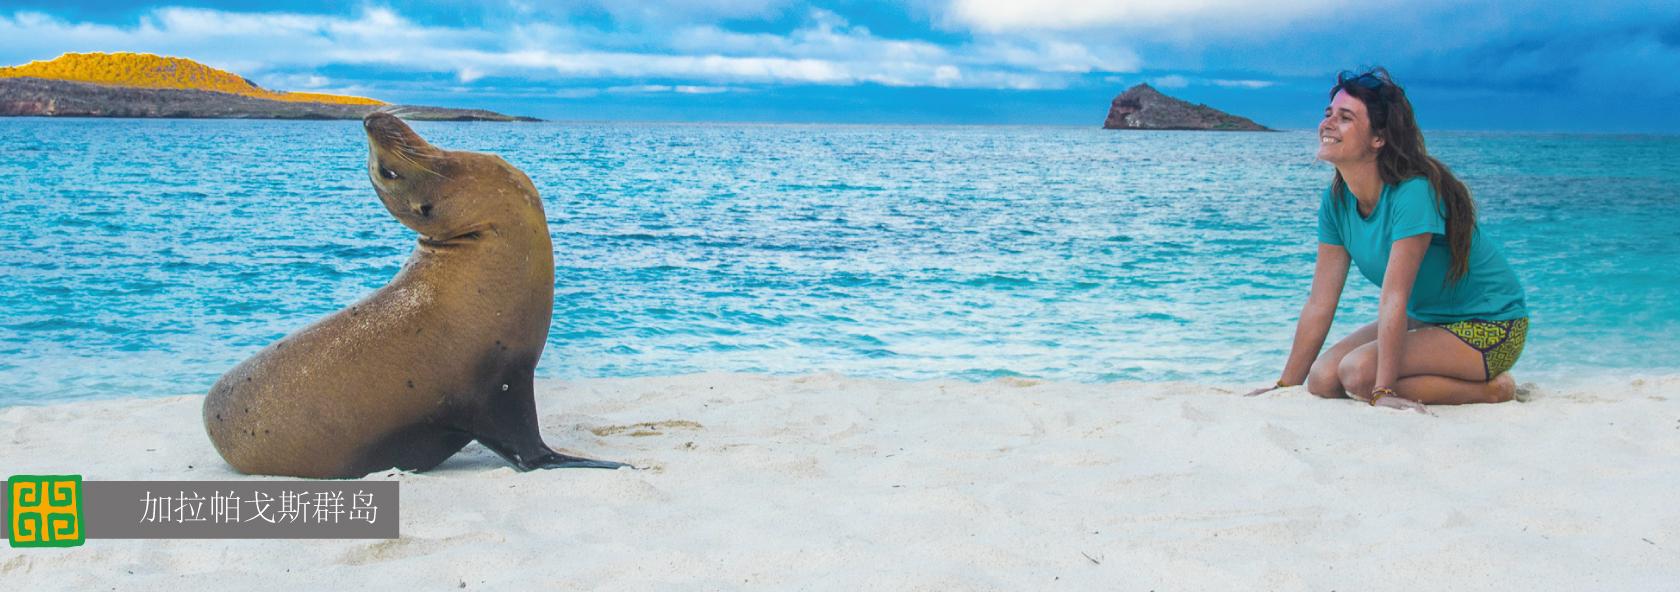 BAnner-China-Galapagos